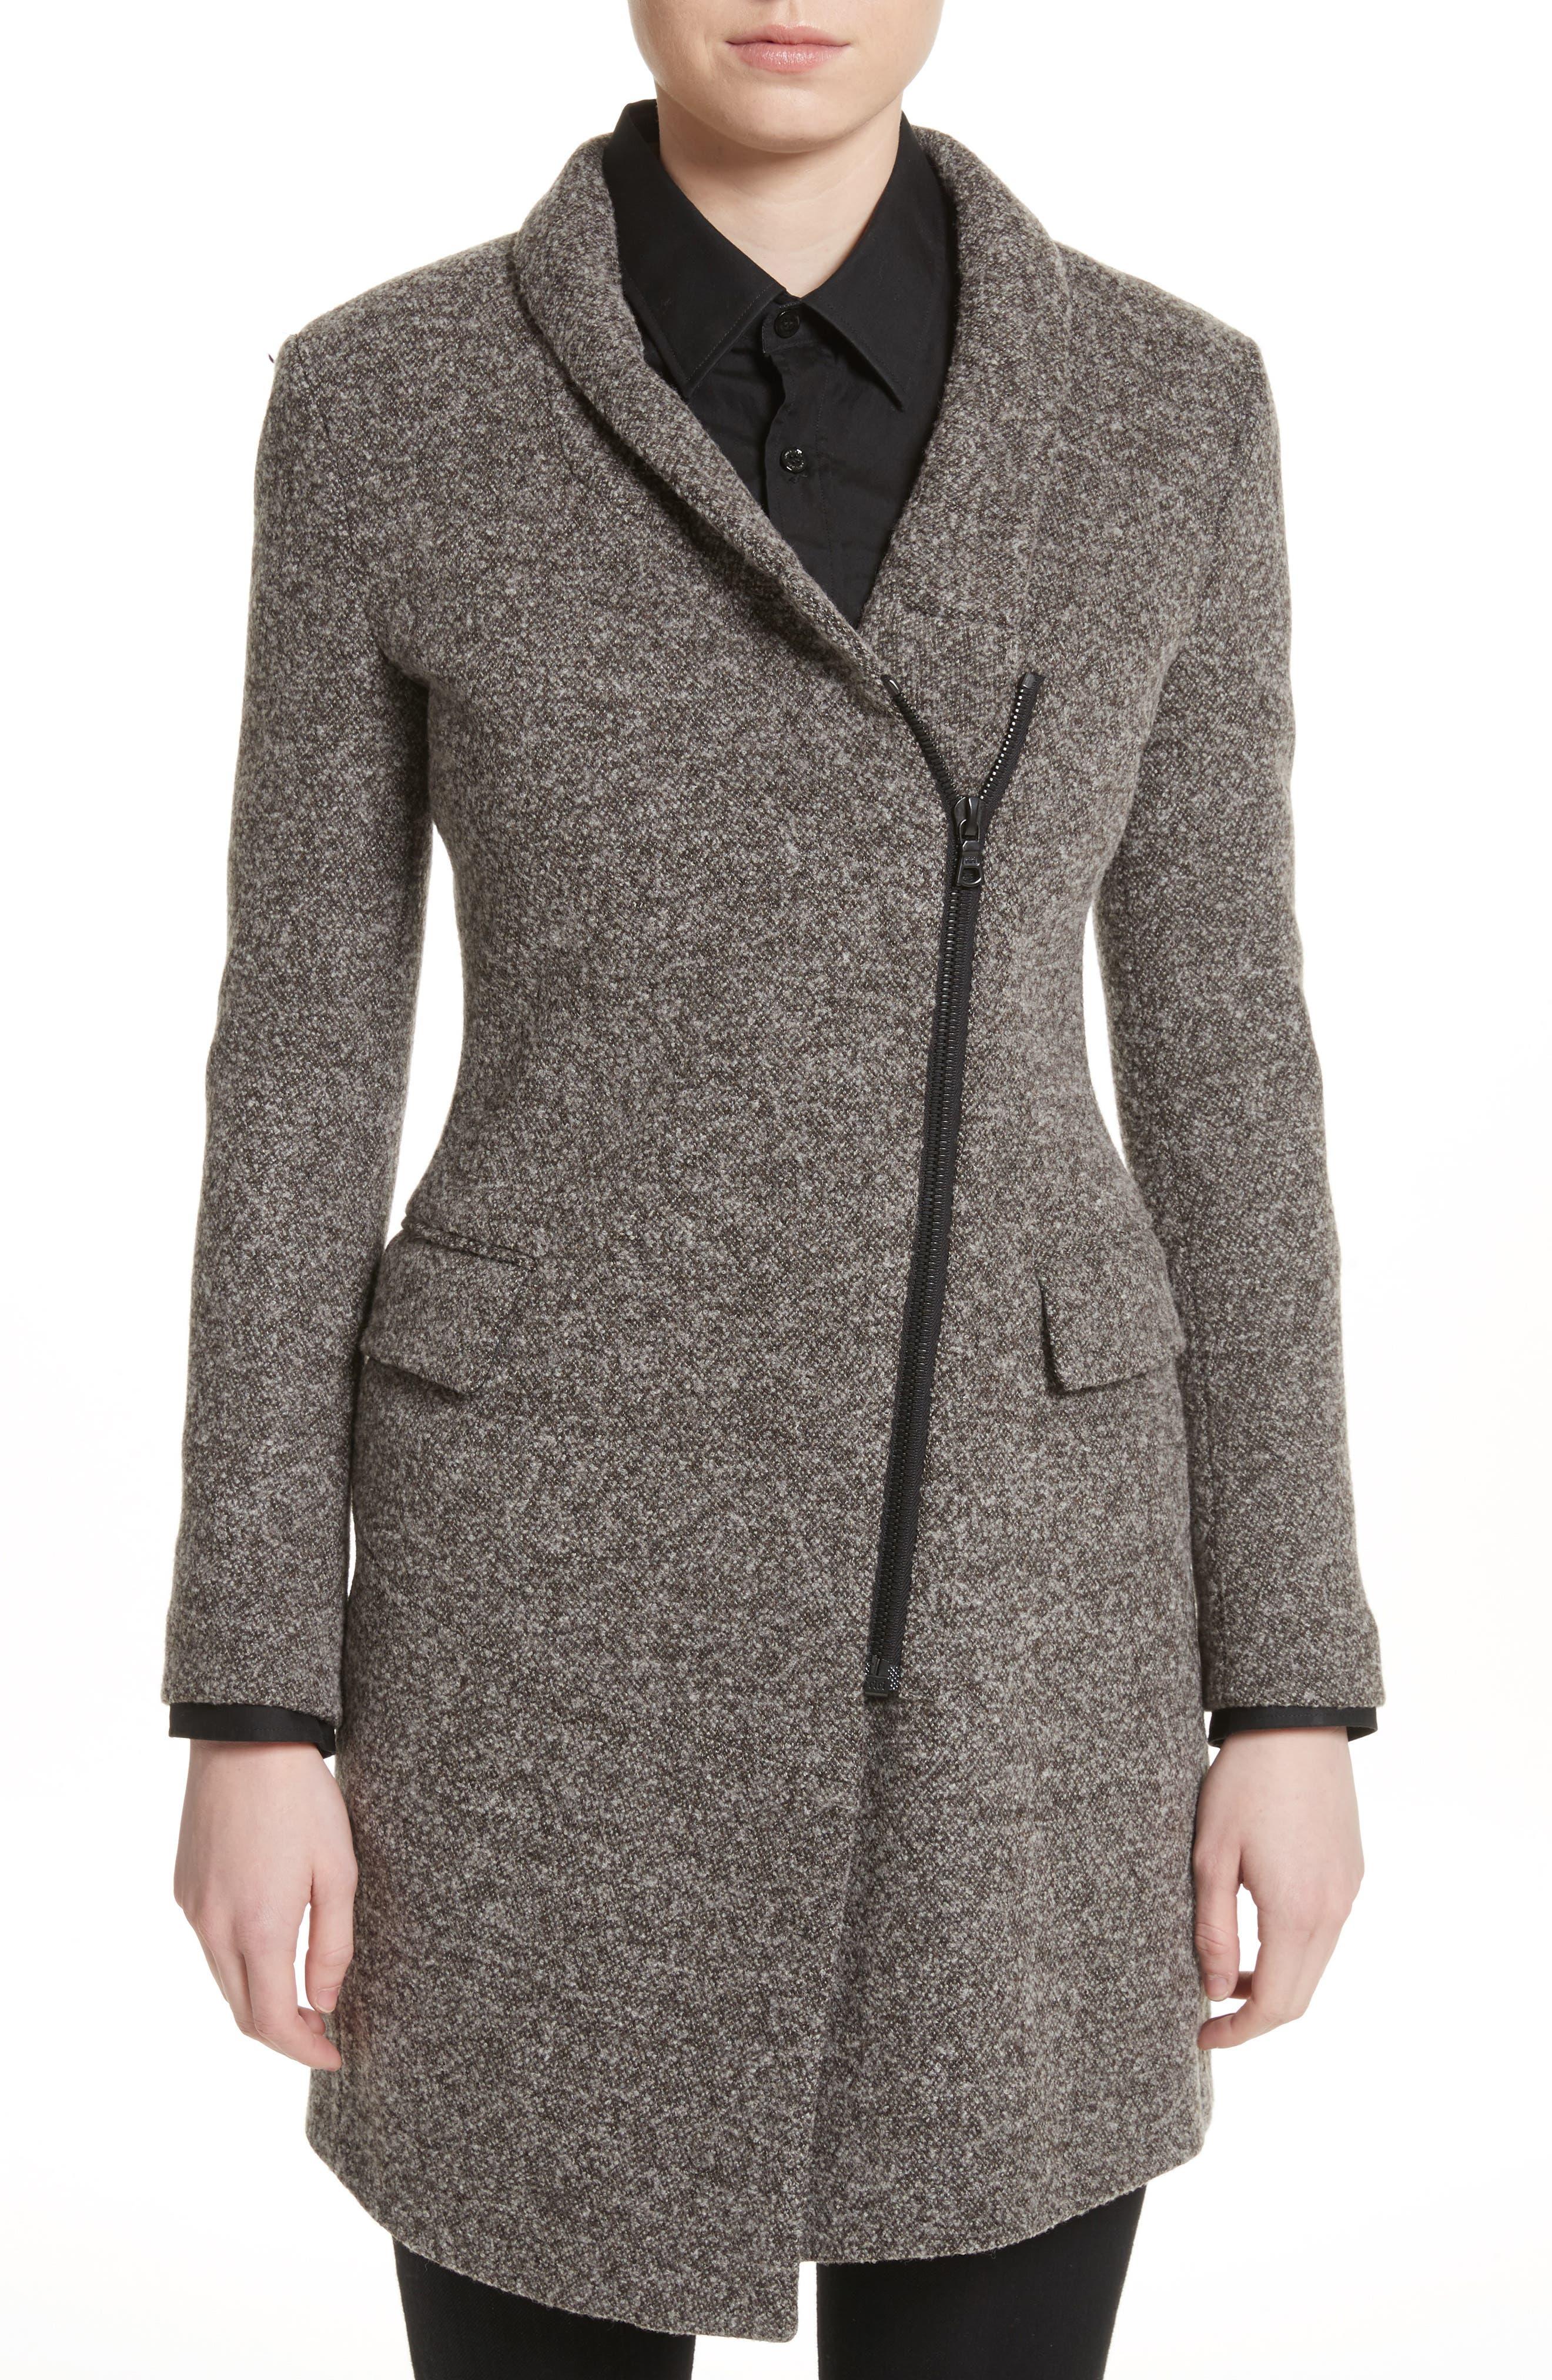 Jersey Galaxy Tweed Jacket,                             Main thumbnail 1, color,                             020